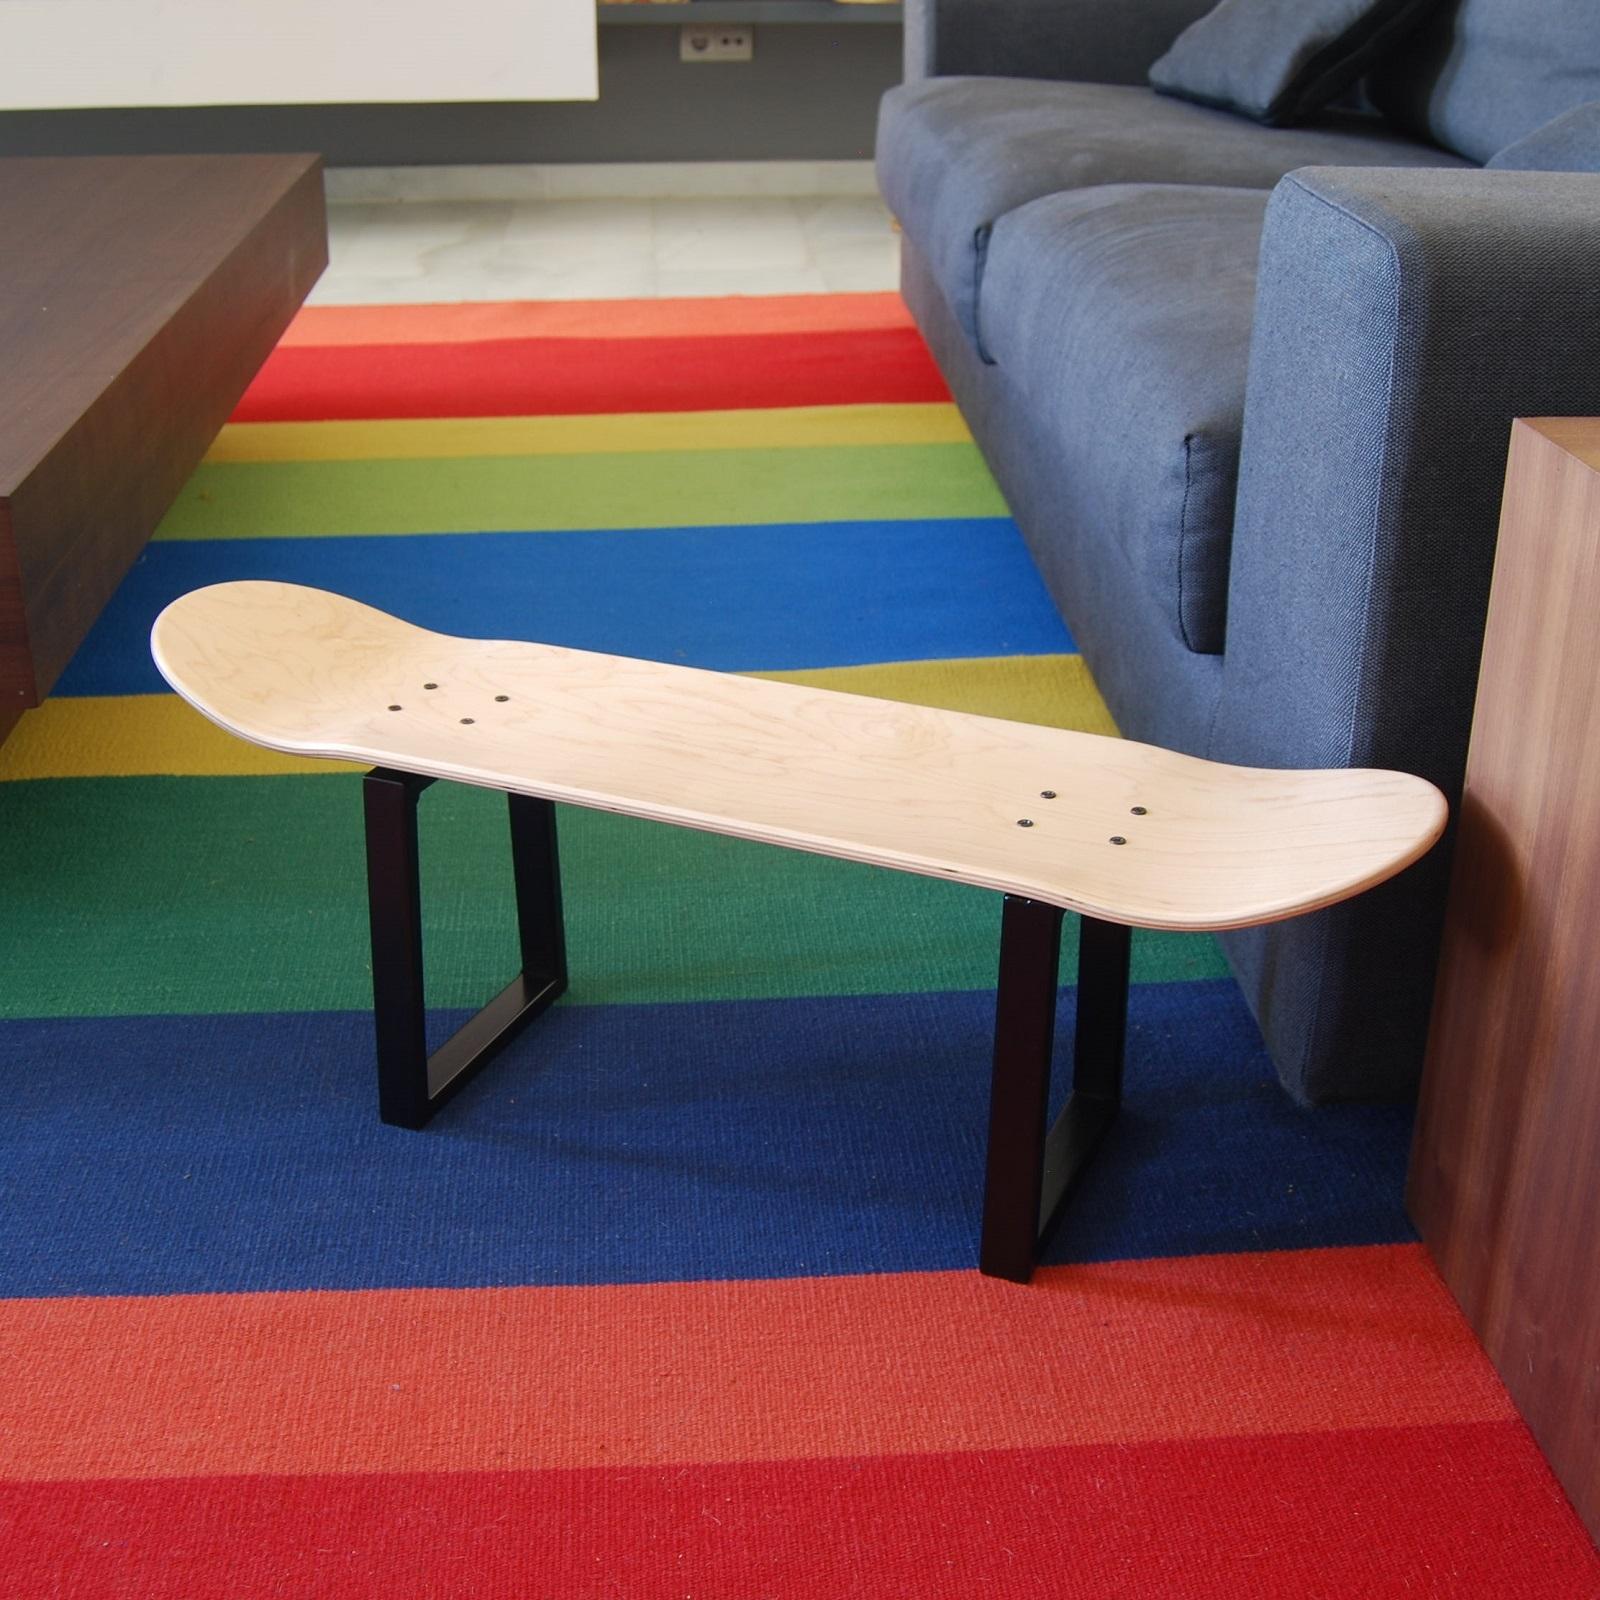 Skater weihnachten gift skateboard deck hocker beine couchtisch - Skateboard mobel ...